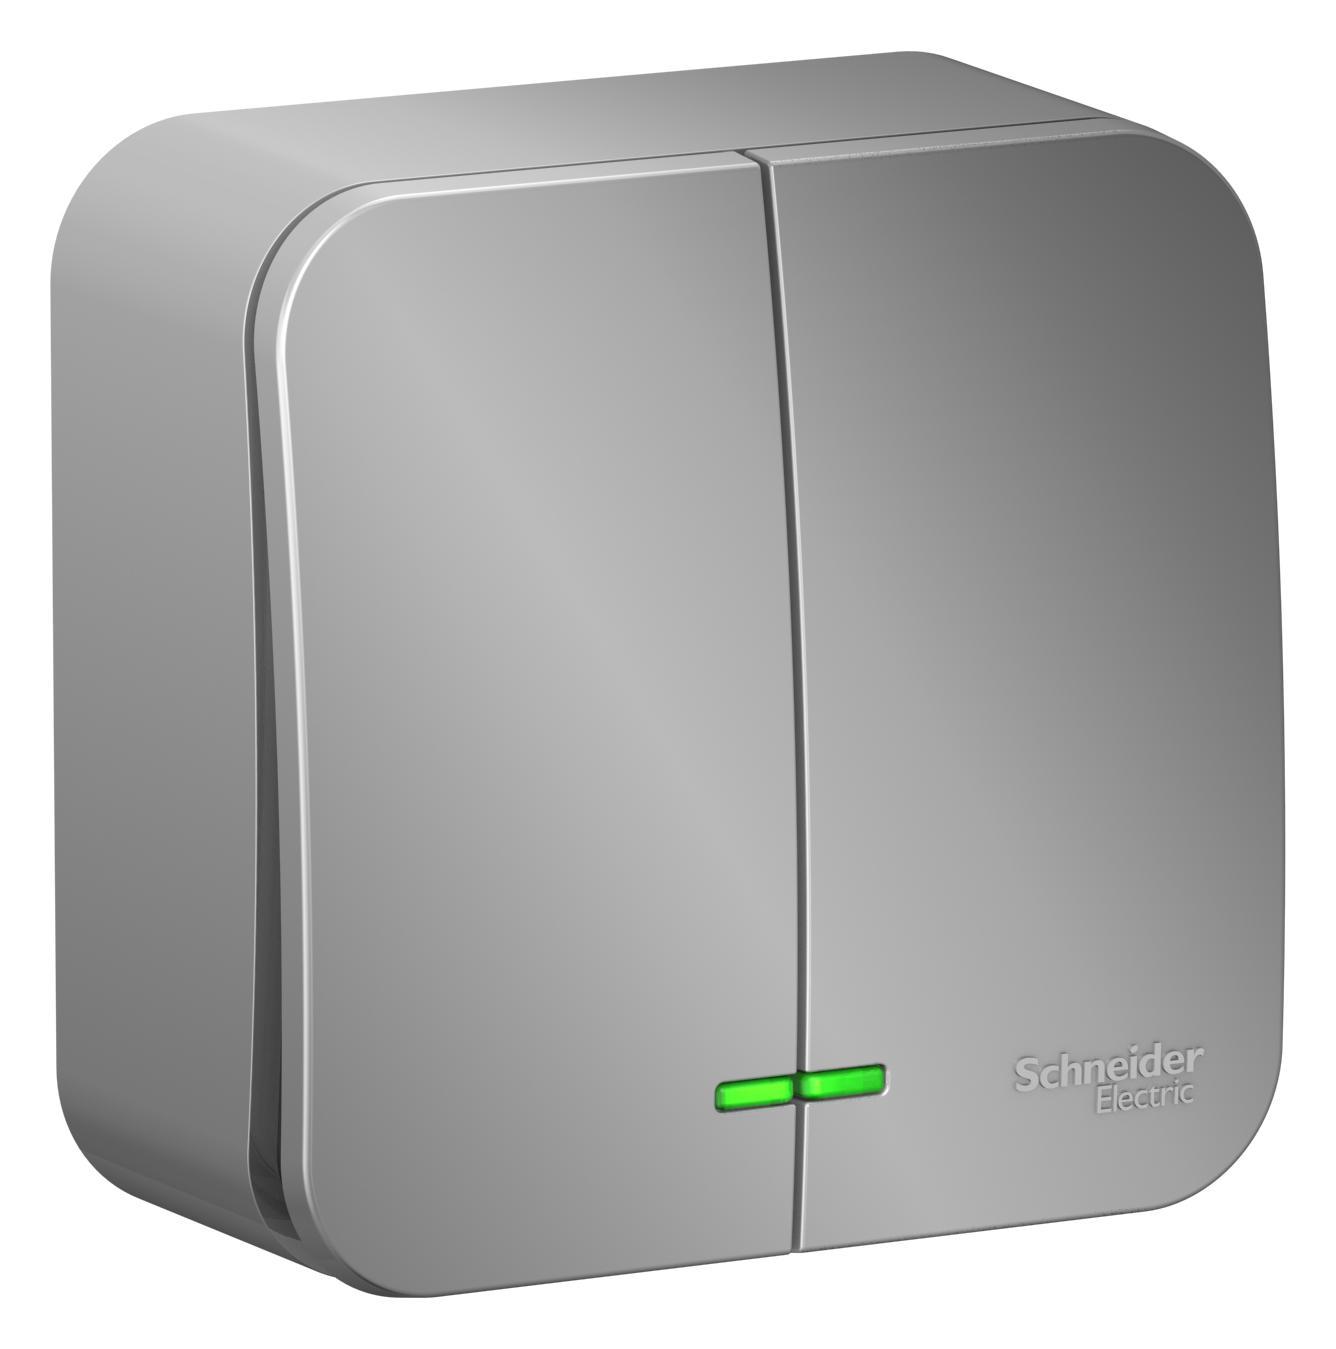 Выключатель Schneider electric Blnva105113 blanca выключатель schneider electric blnva101013 blanca